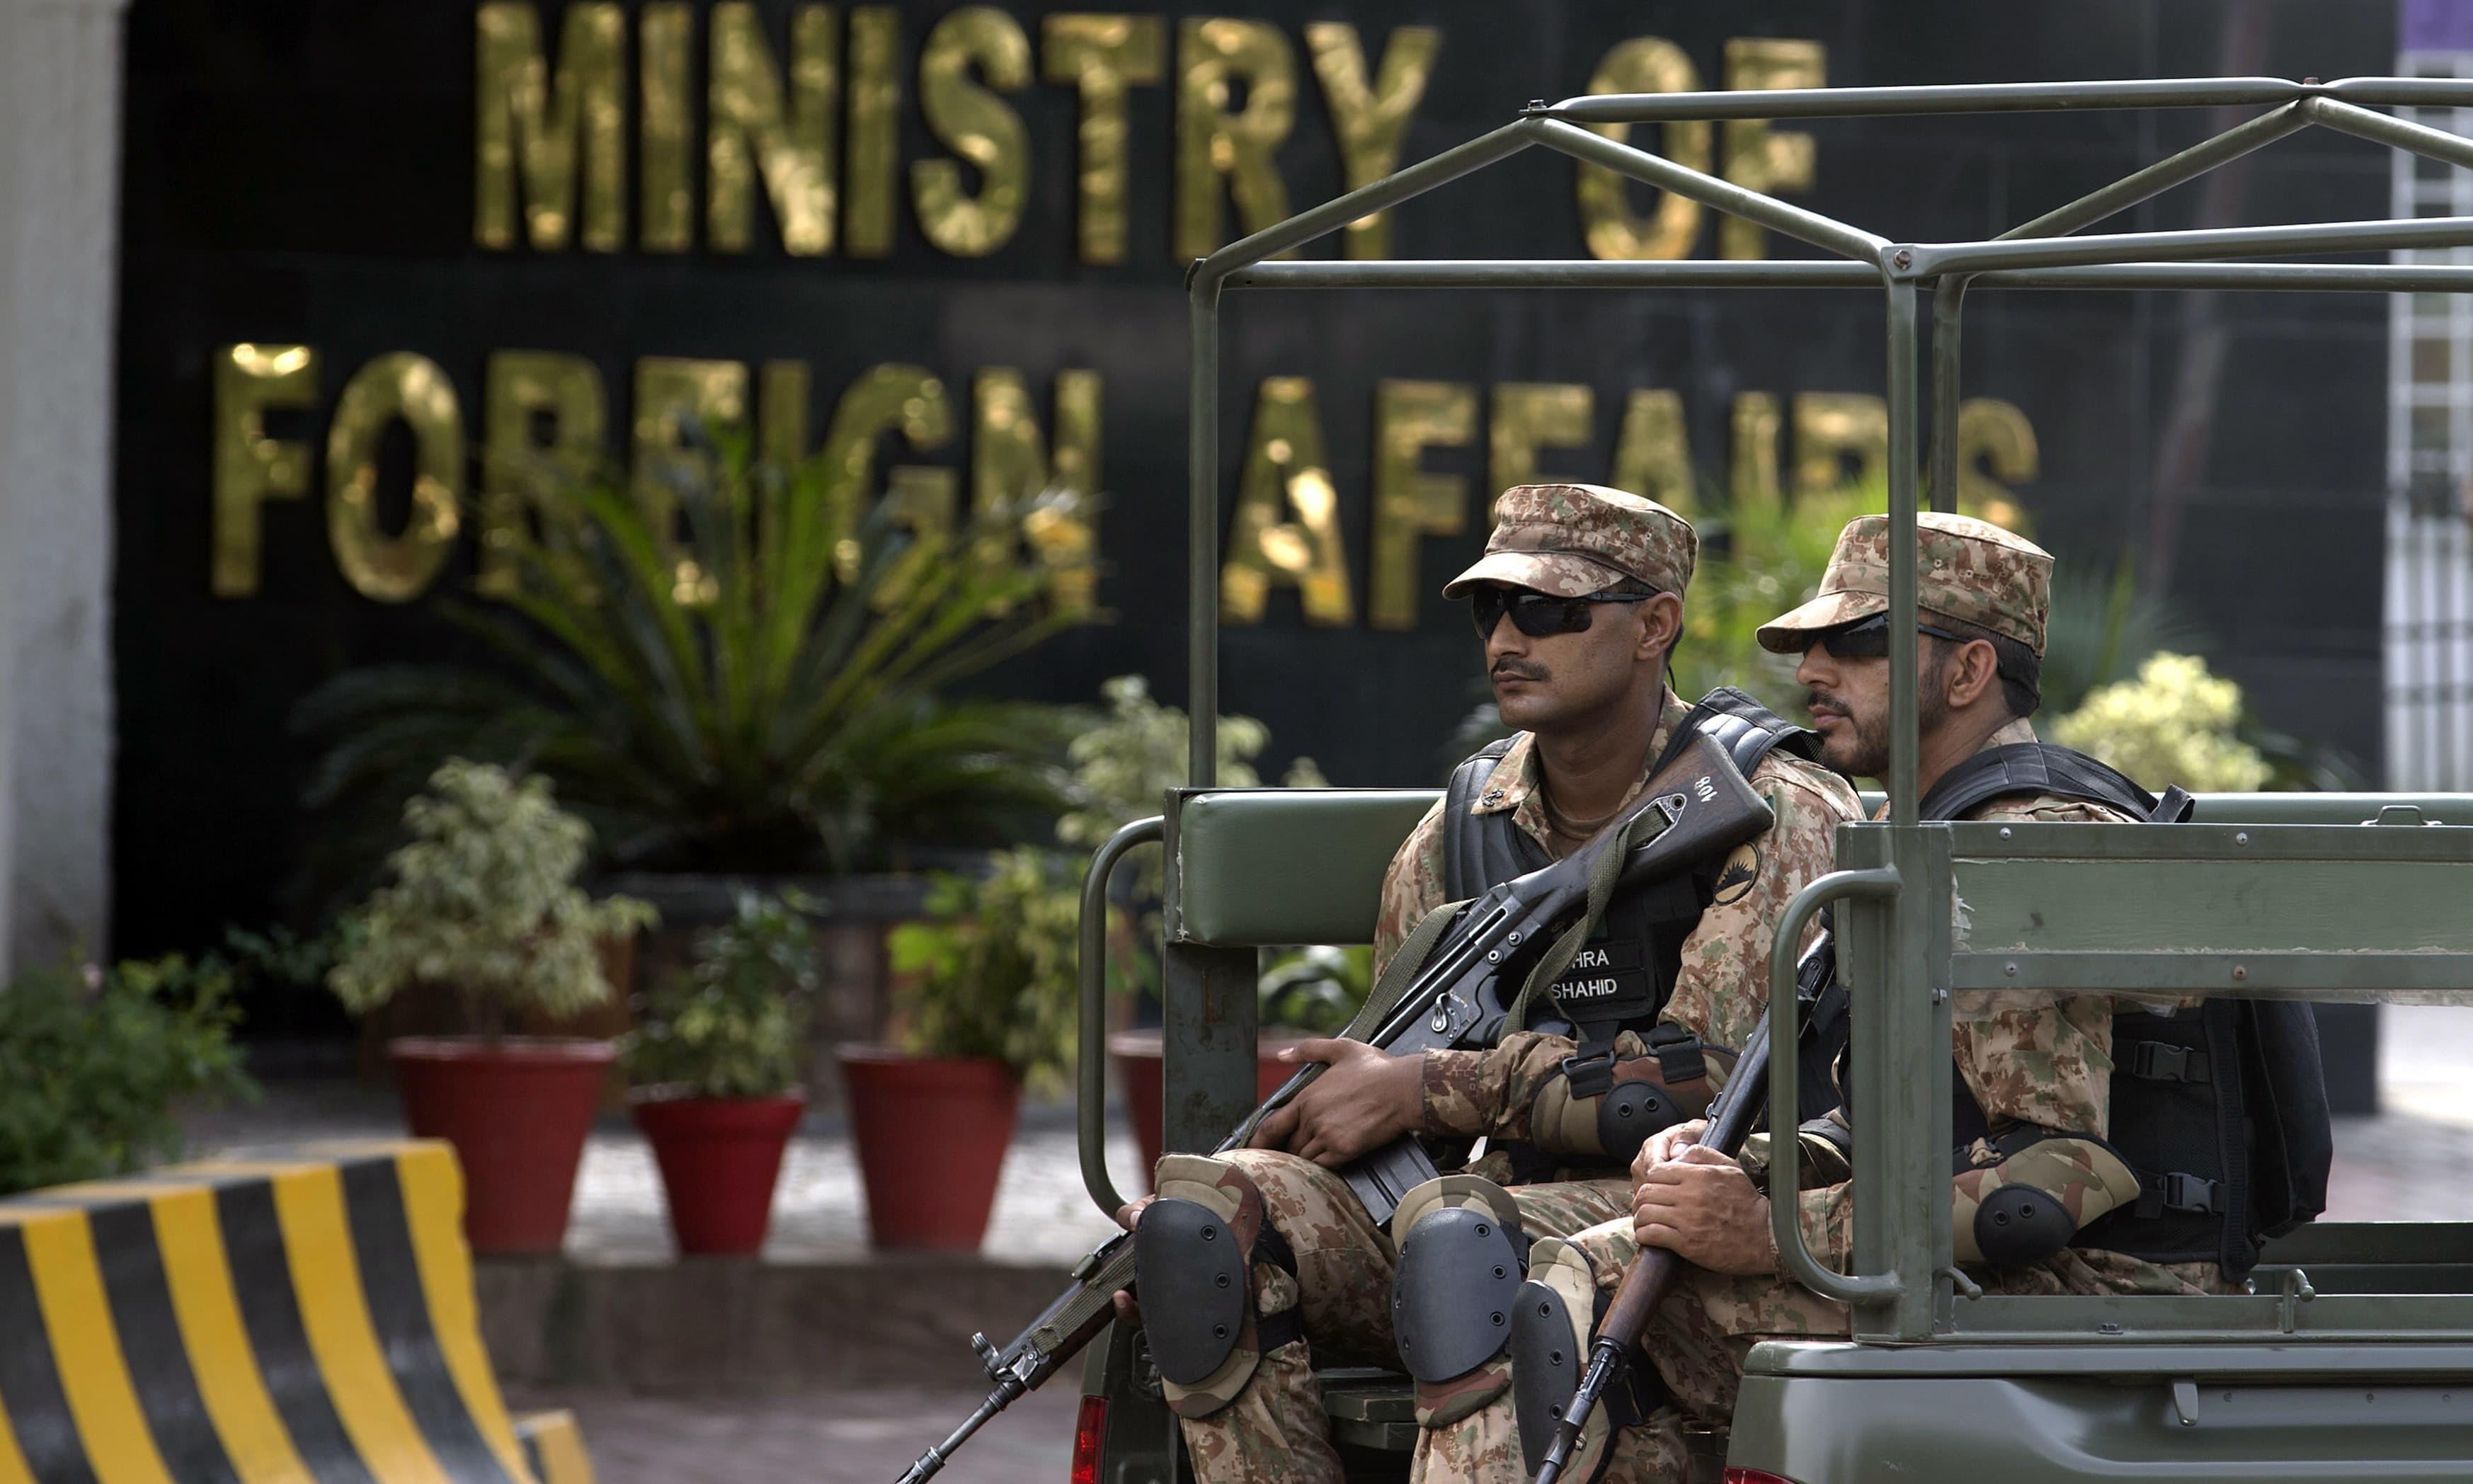 سینئر بھارتی سفارتکار کی دفتر خارجہ طلبی، ایل او سی فائرنگ پر احتجاج